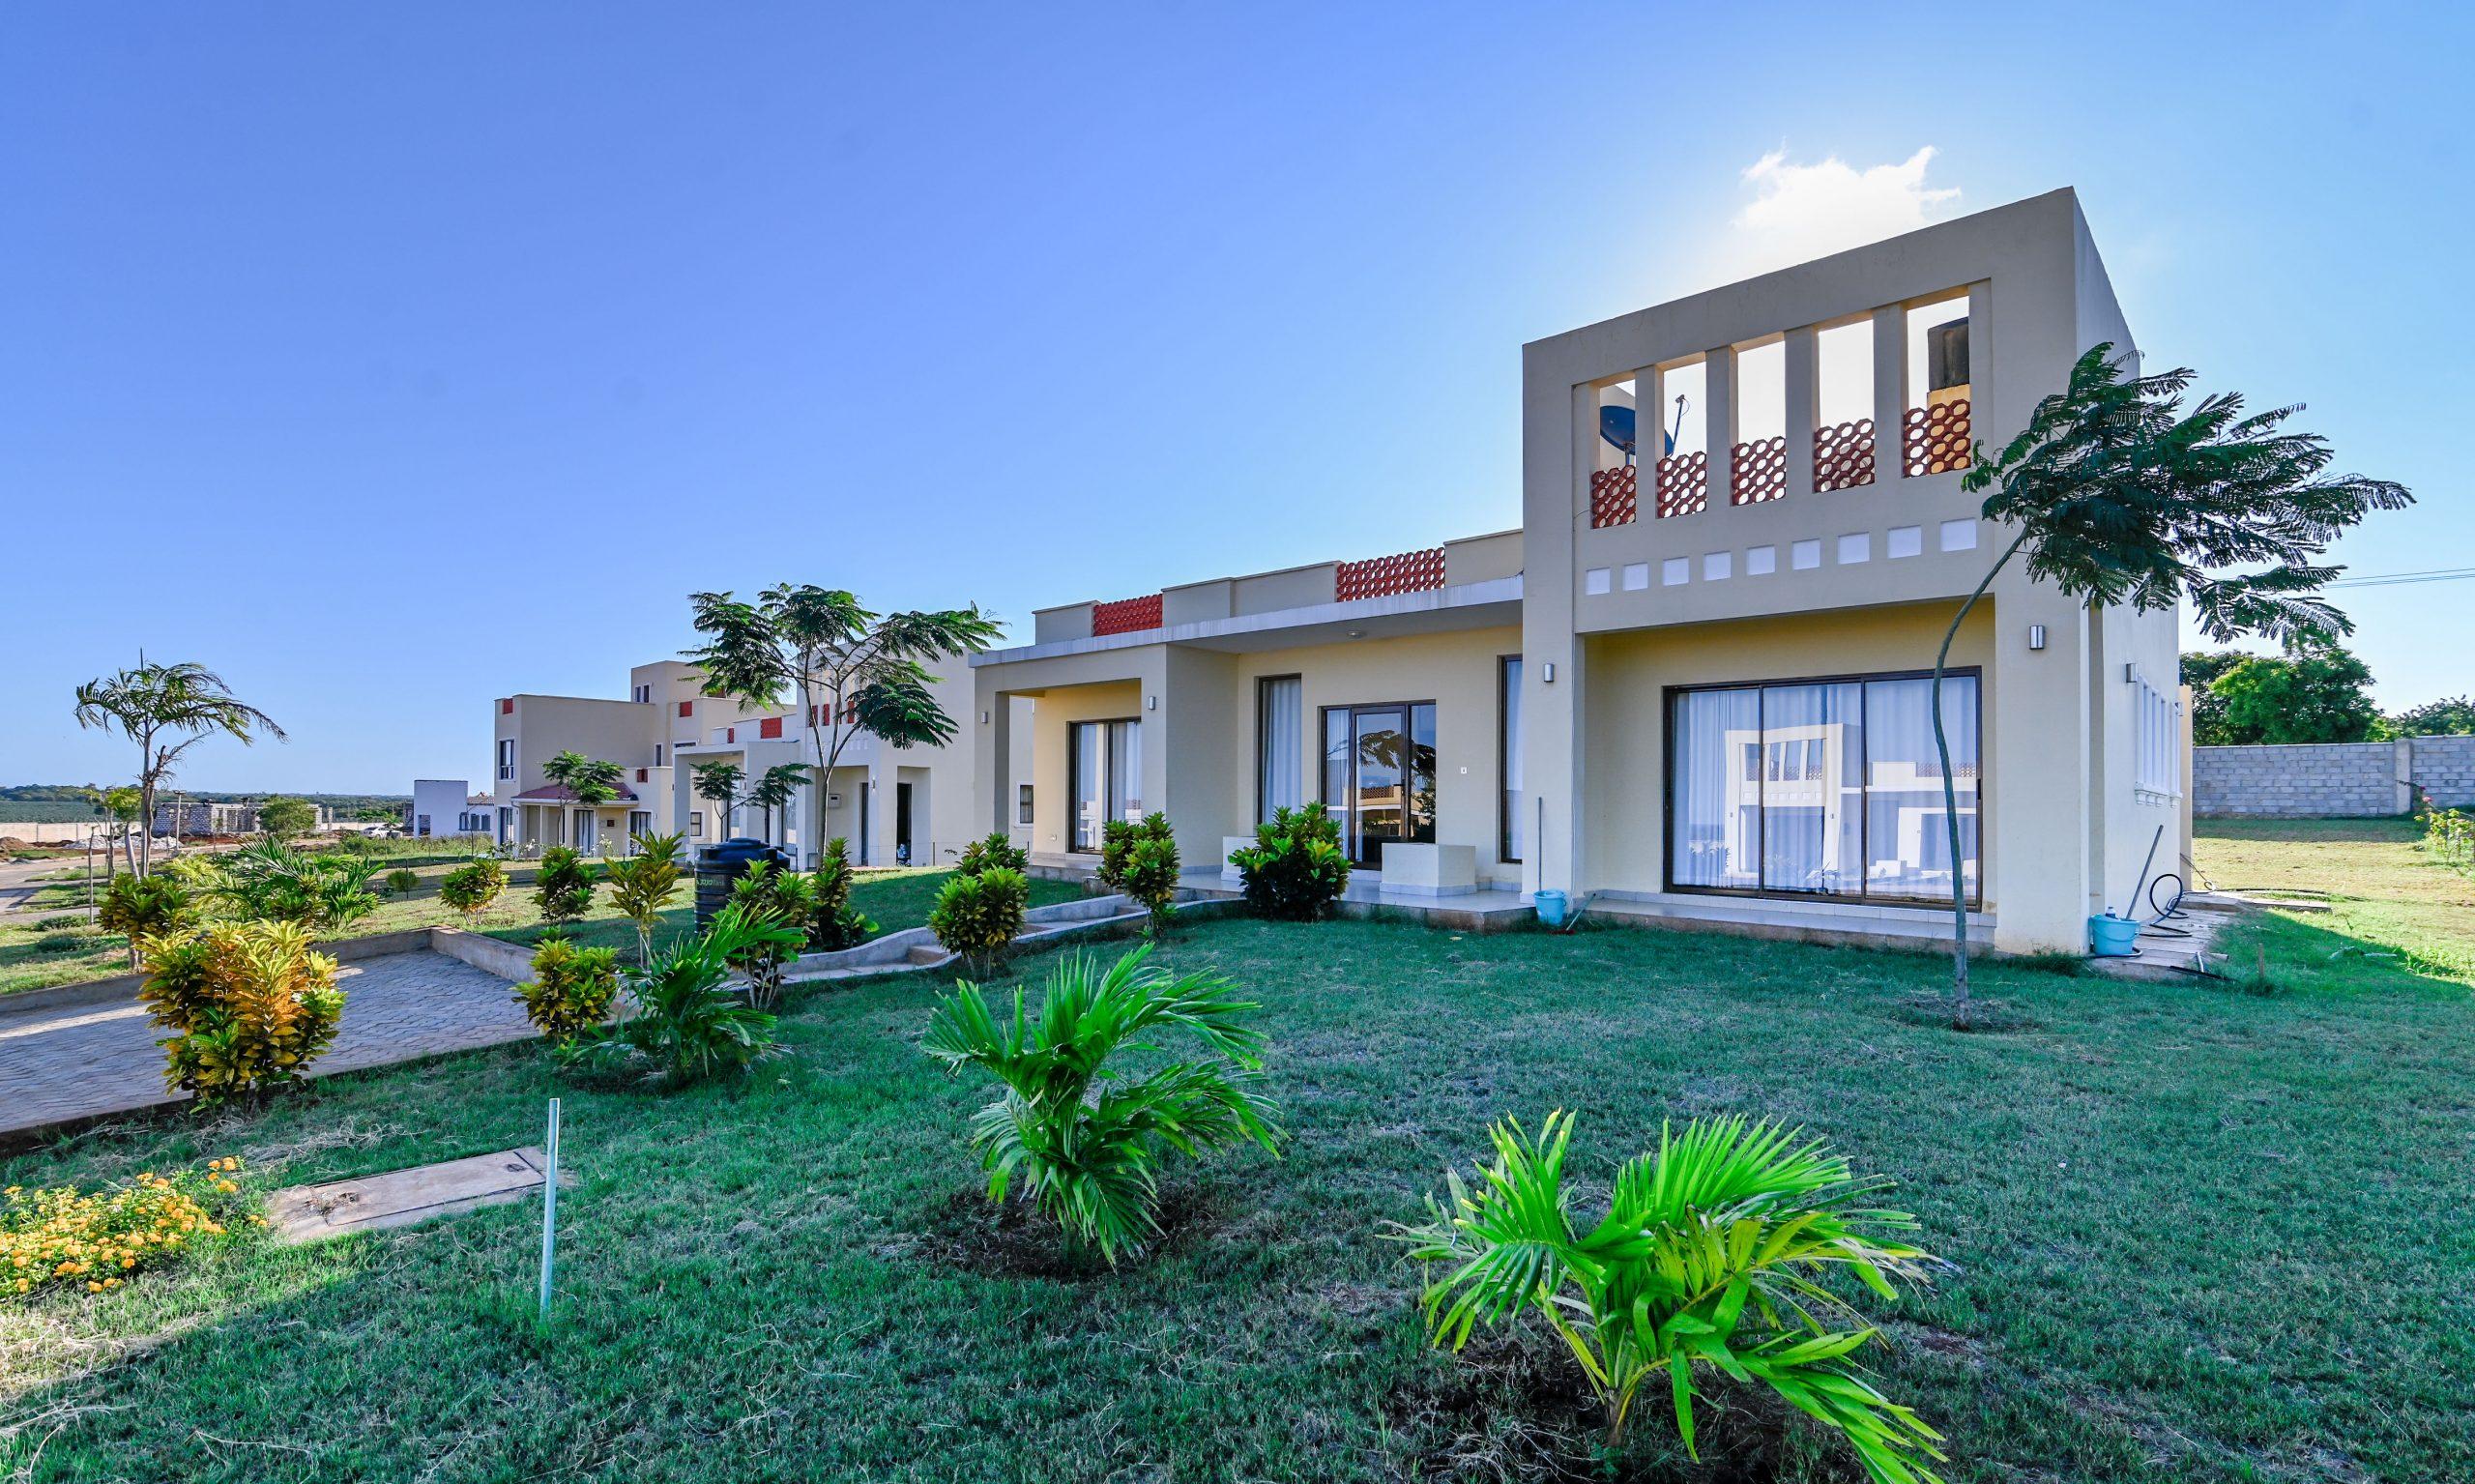 3br Villa for sale at Pazuri Vipingo